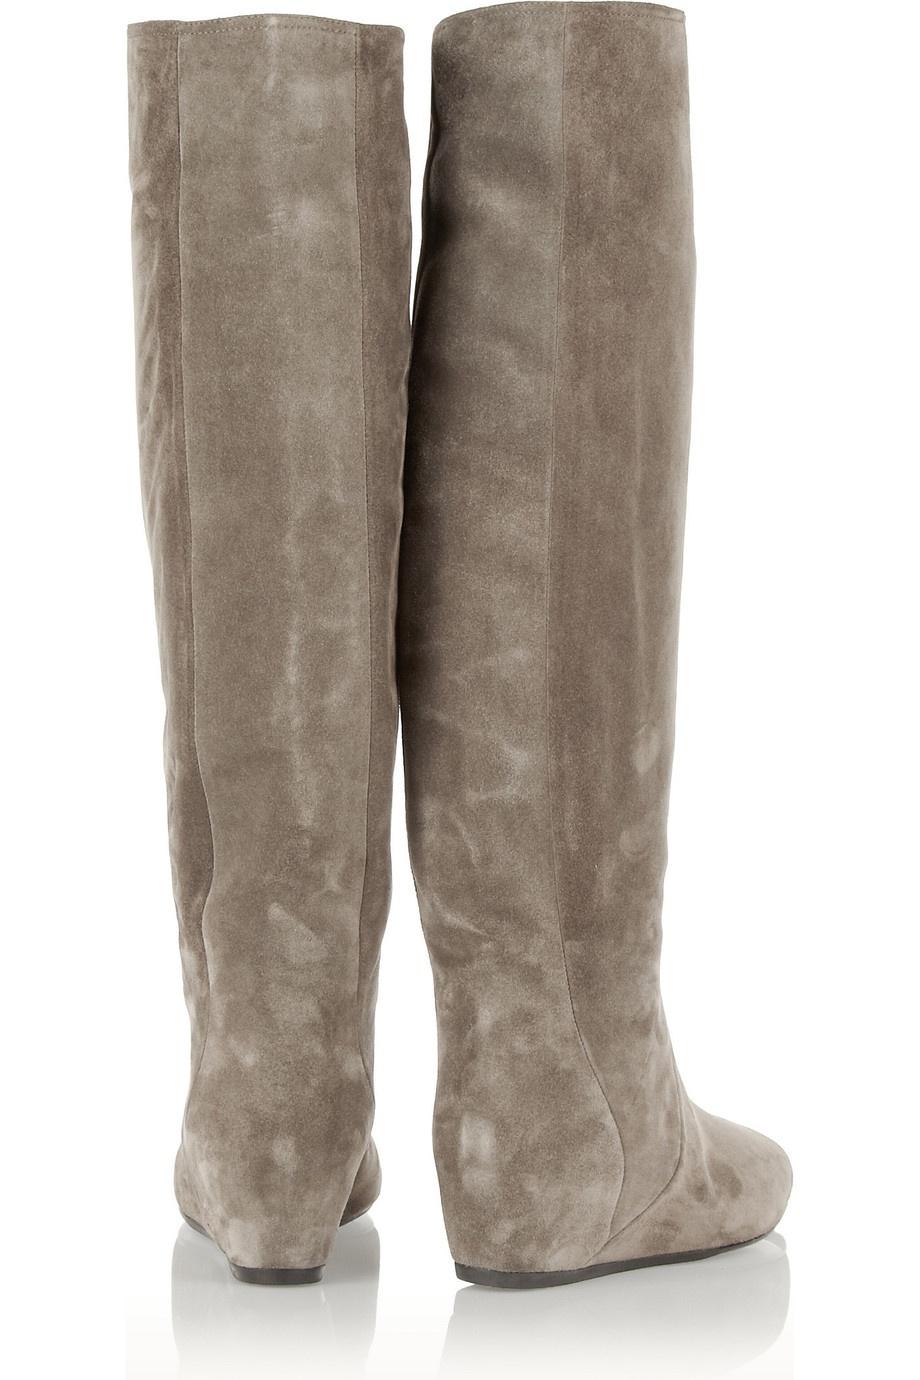 Замшевые сапоги Lanvin, размер 38,5, пр-во Италия